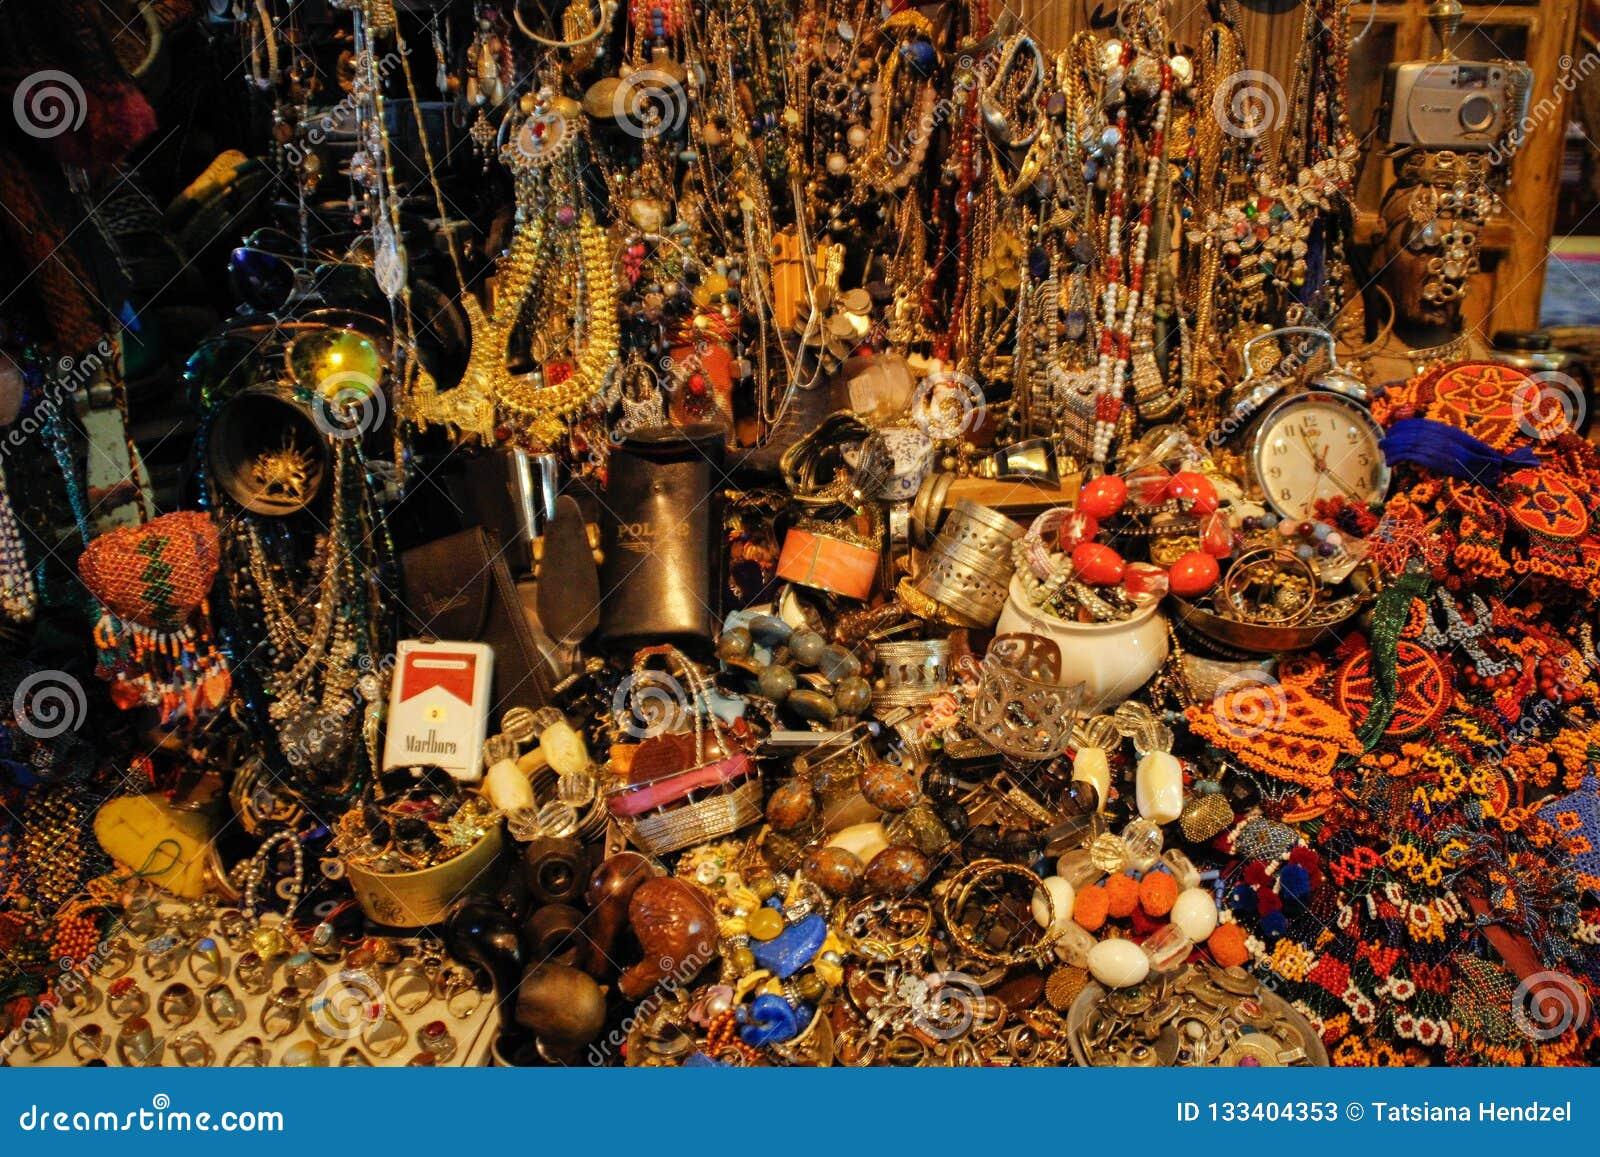 Случайно разбросал браслеты, шарики, серьги и кольца сделанные драгоценных металлов и камней на рынке Стамбула